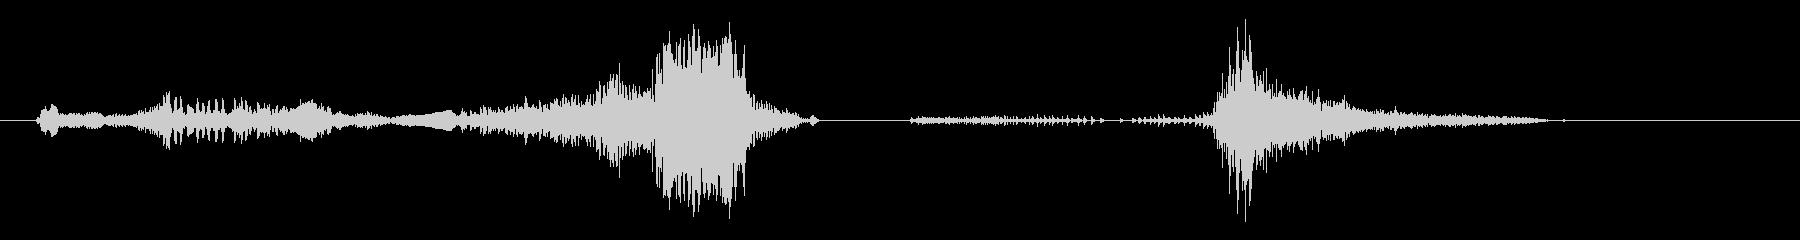 鳴き声 うめきストレッチ01の未再生の波形